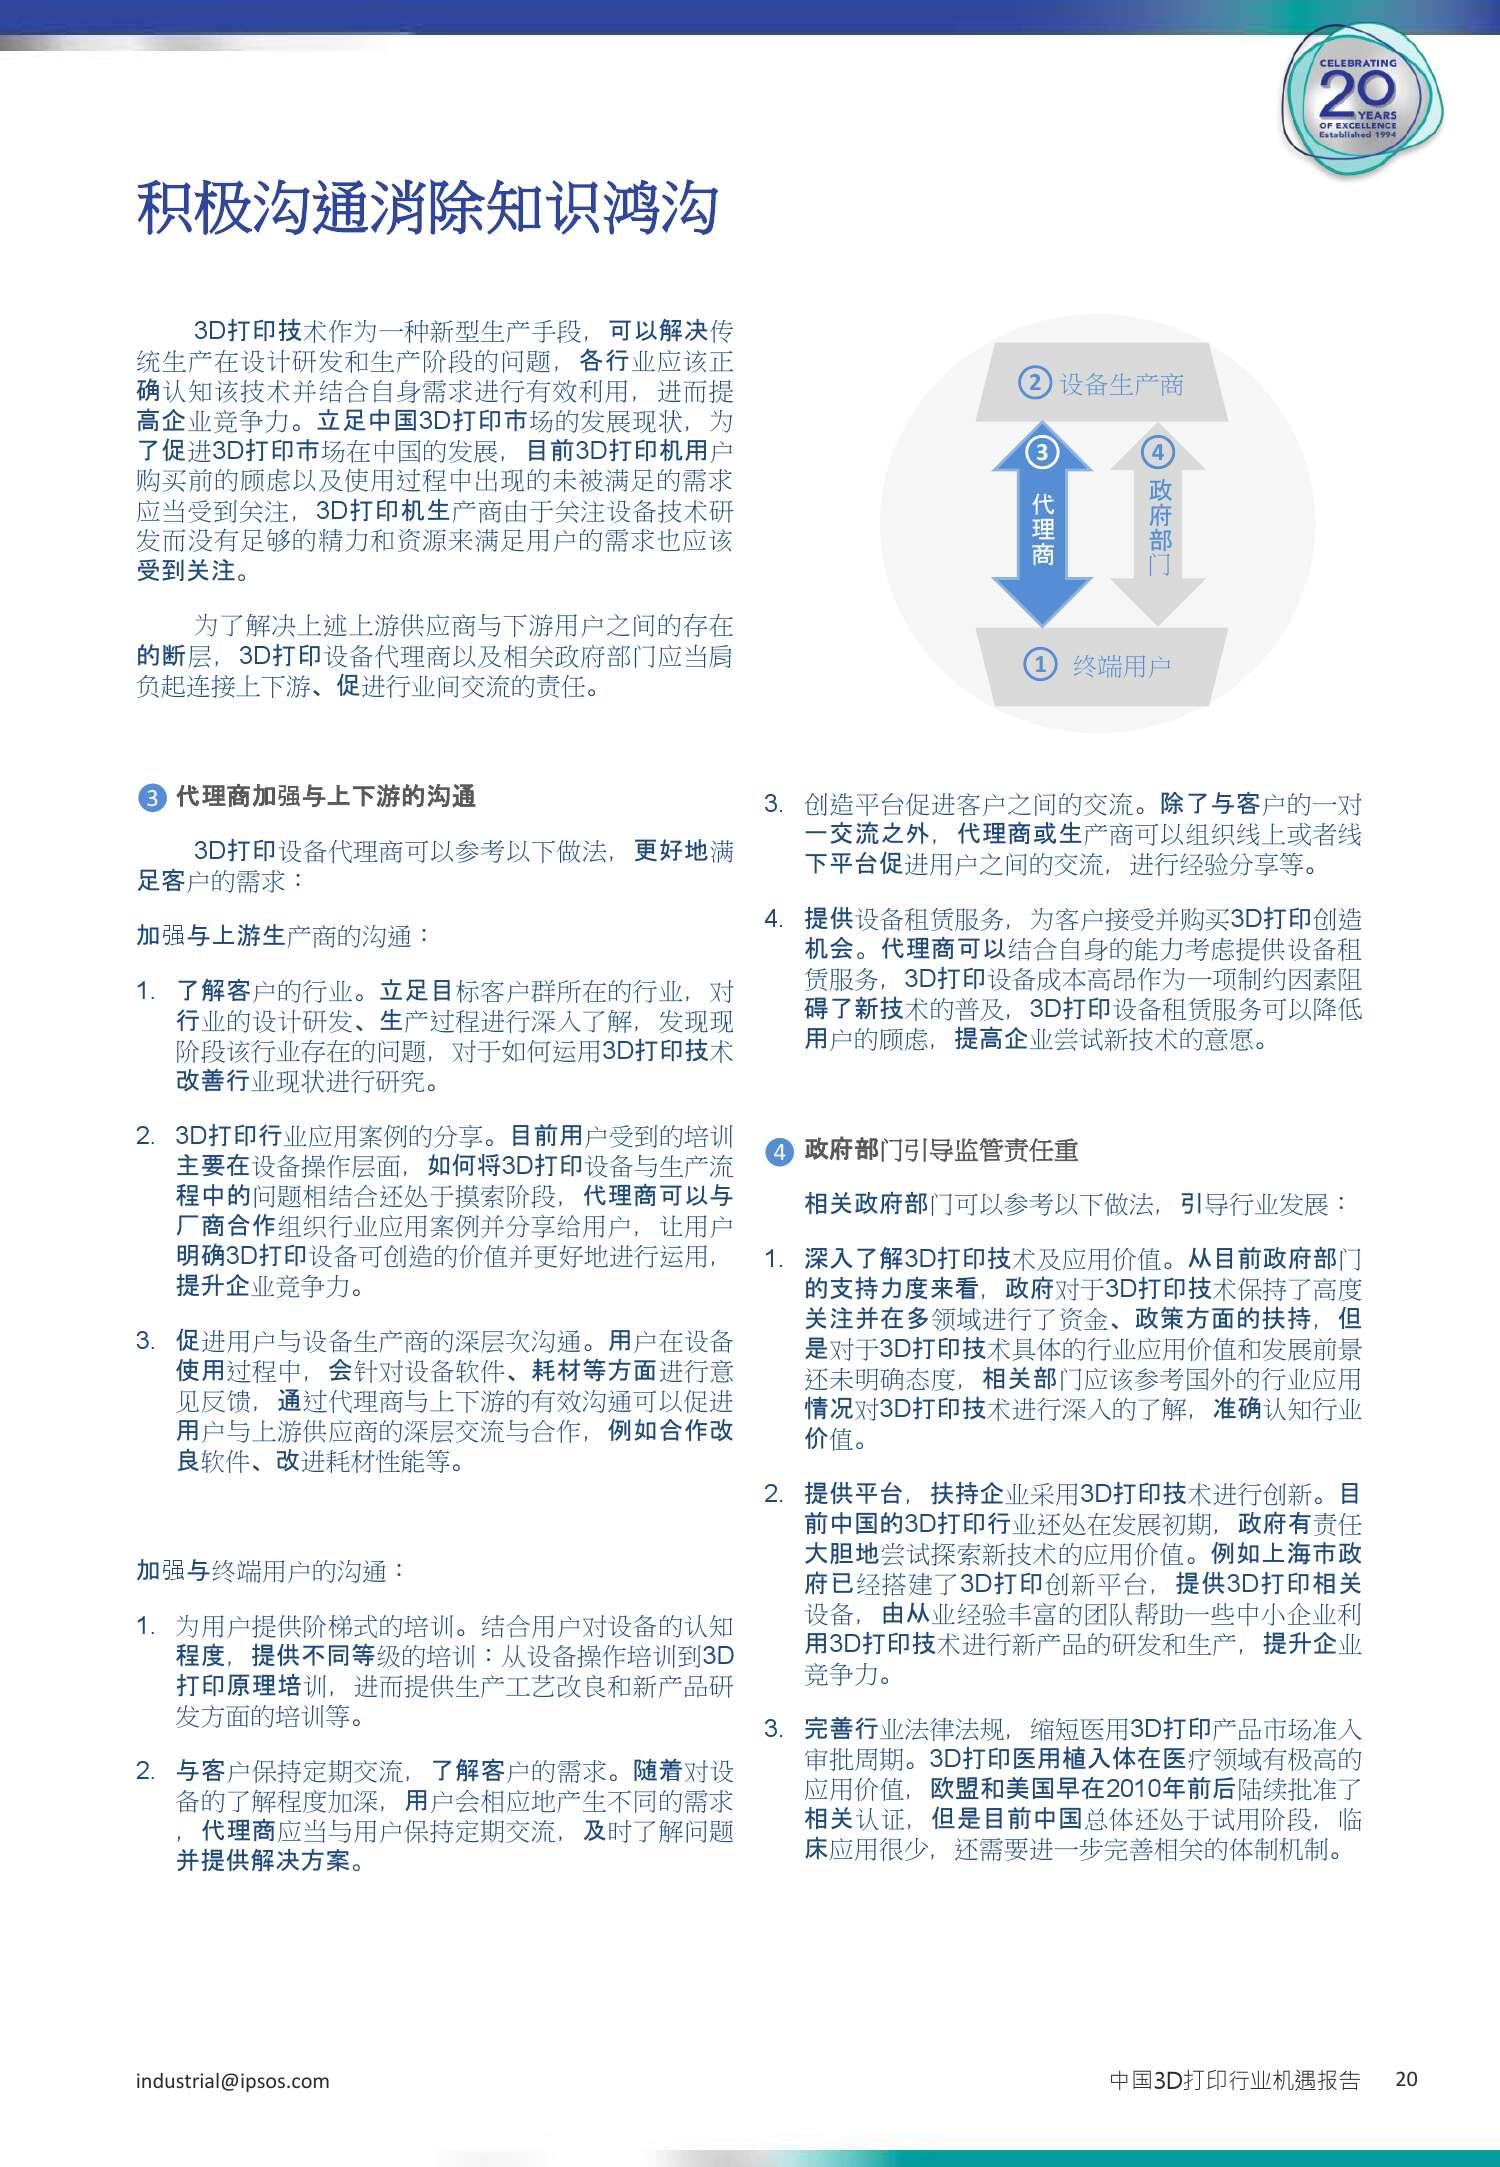 3D打印行业机遇报告_000020